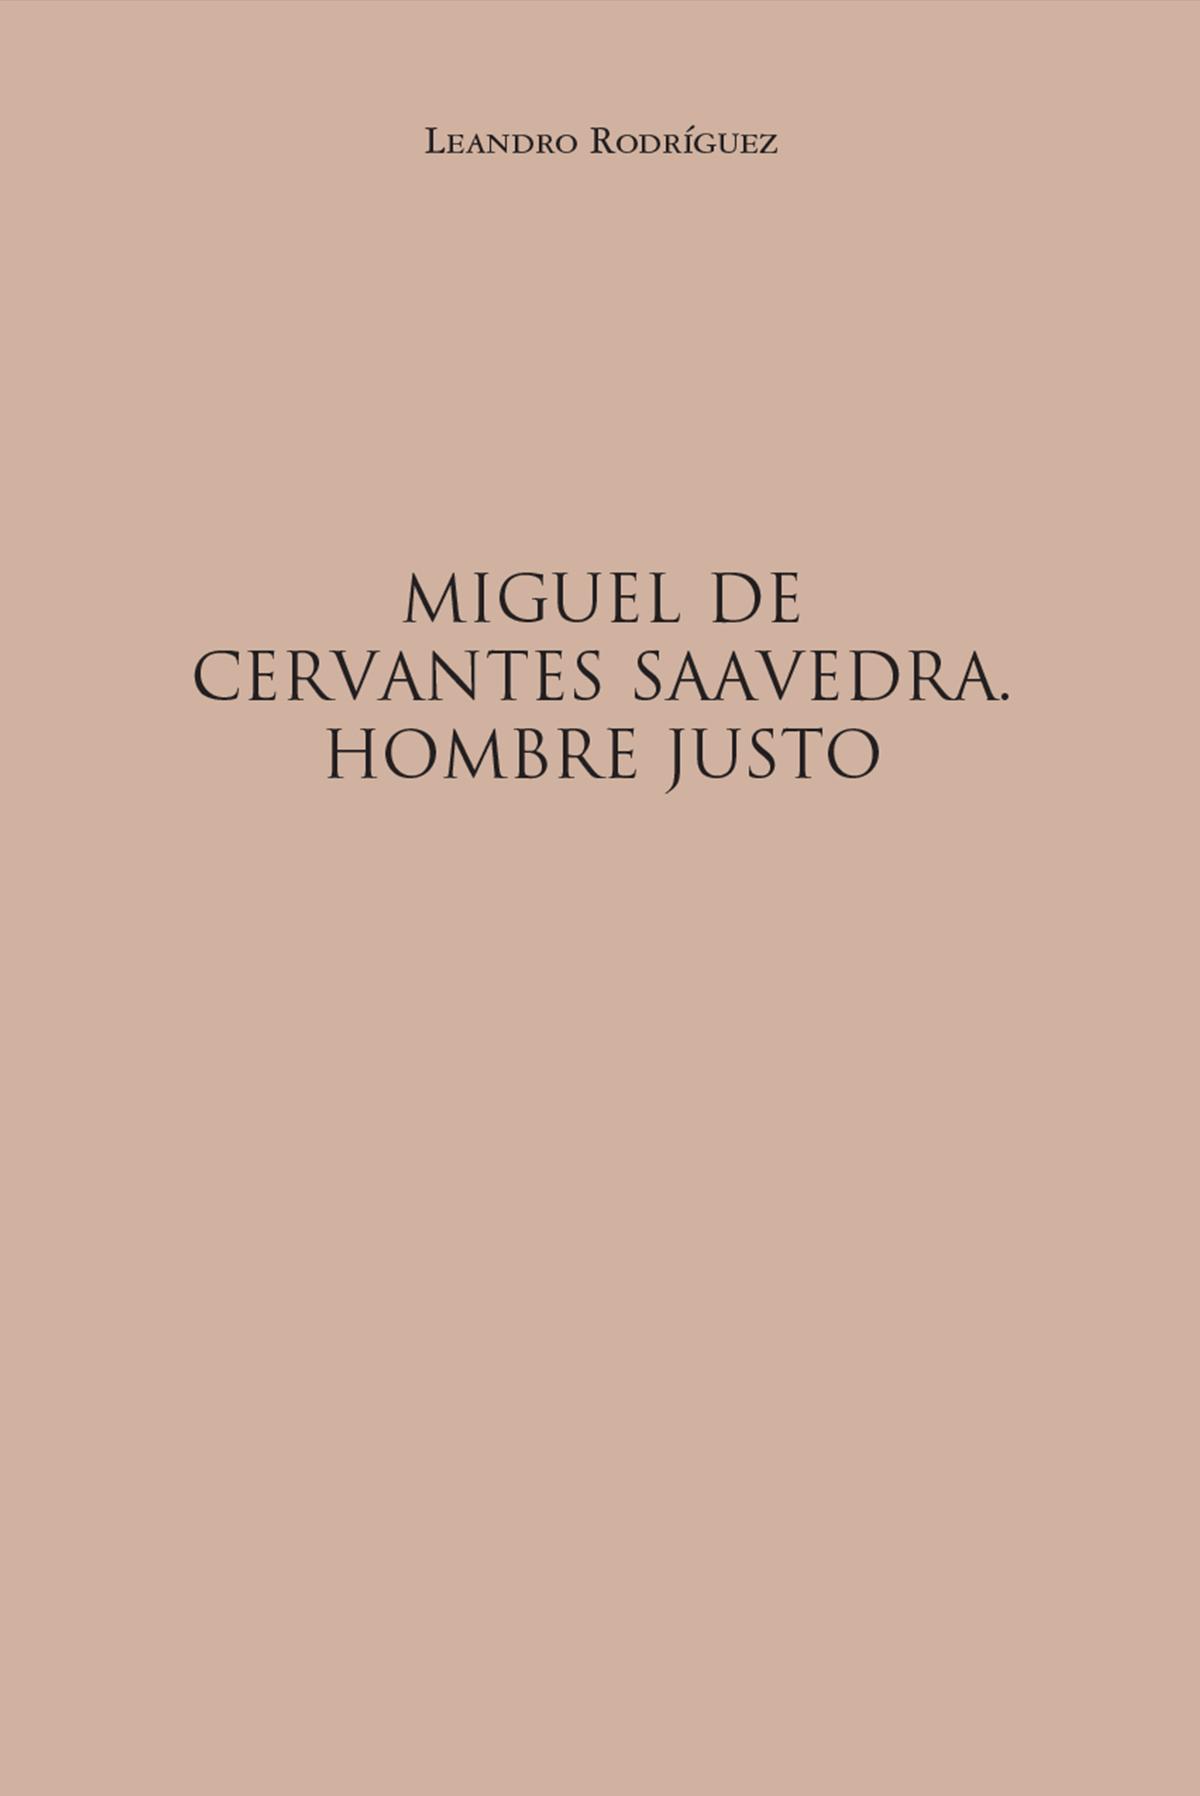 Librería Semuret Miguel de Cervantes Saavedra Hombre justo Leandro Rodriguez